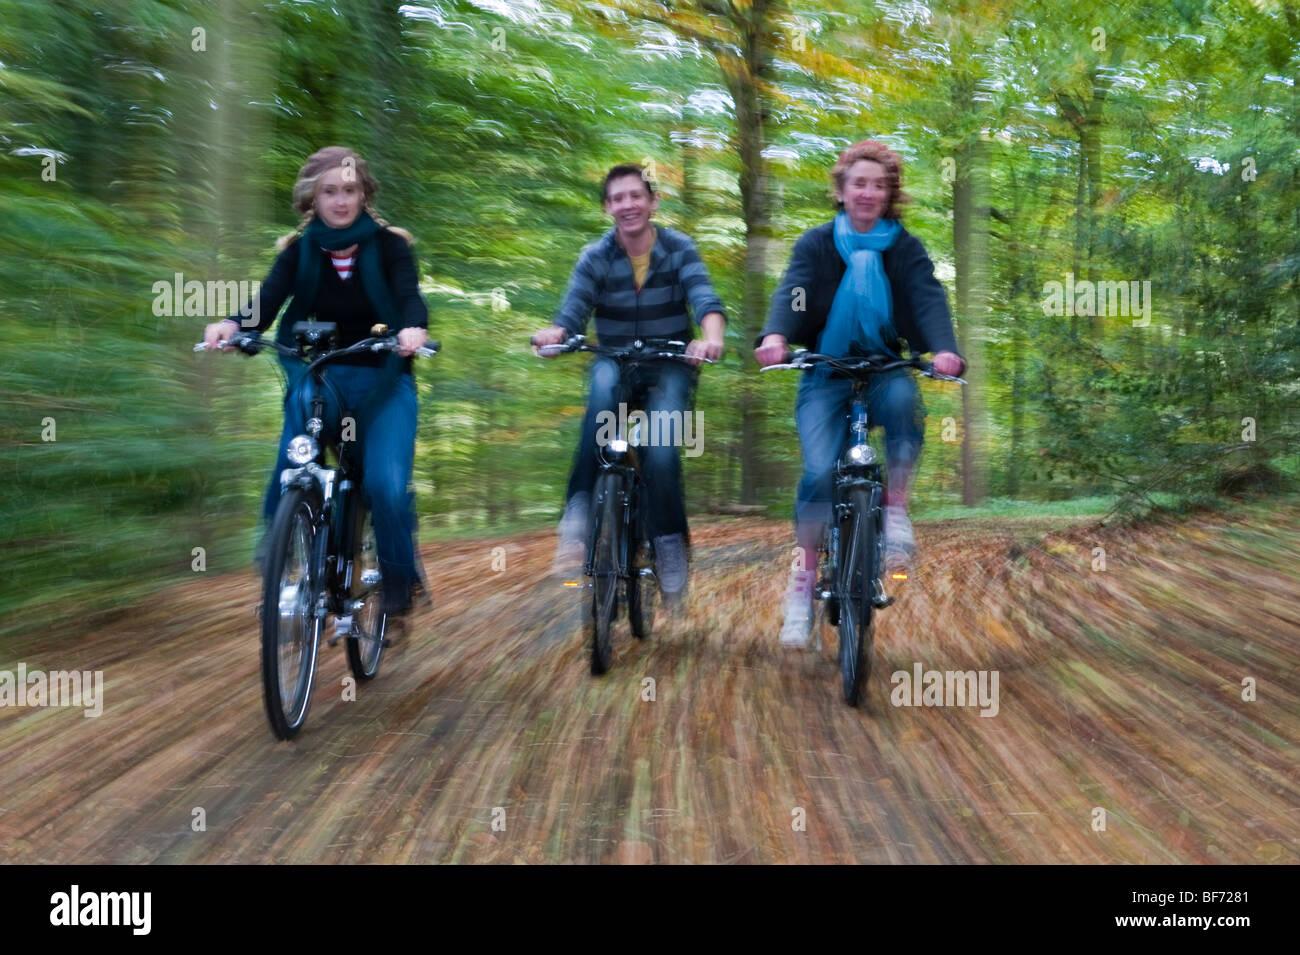 Tres adolescentes montar sus bicicletas eléctricas a lo largo de una pista forestal en otoño (motion blur) Imagen De Stock